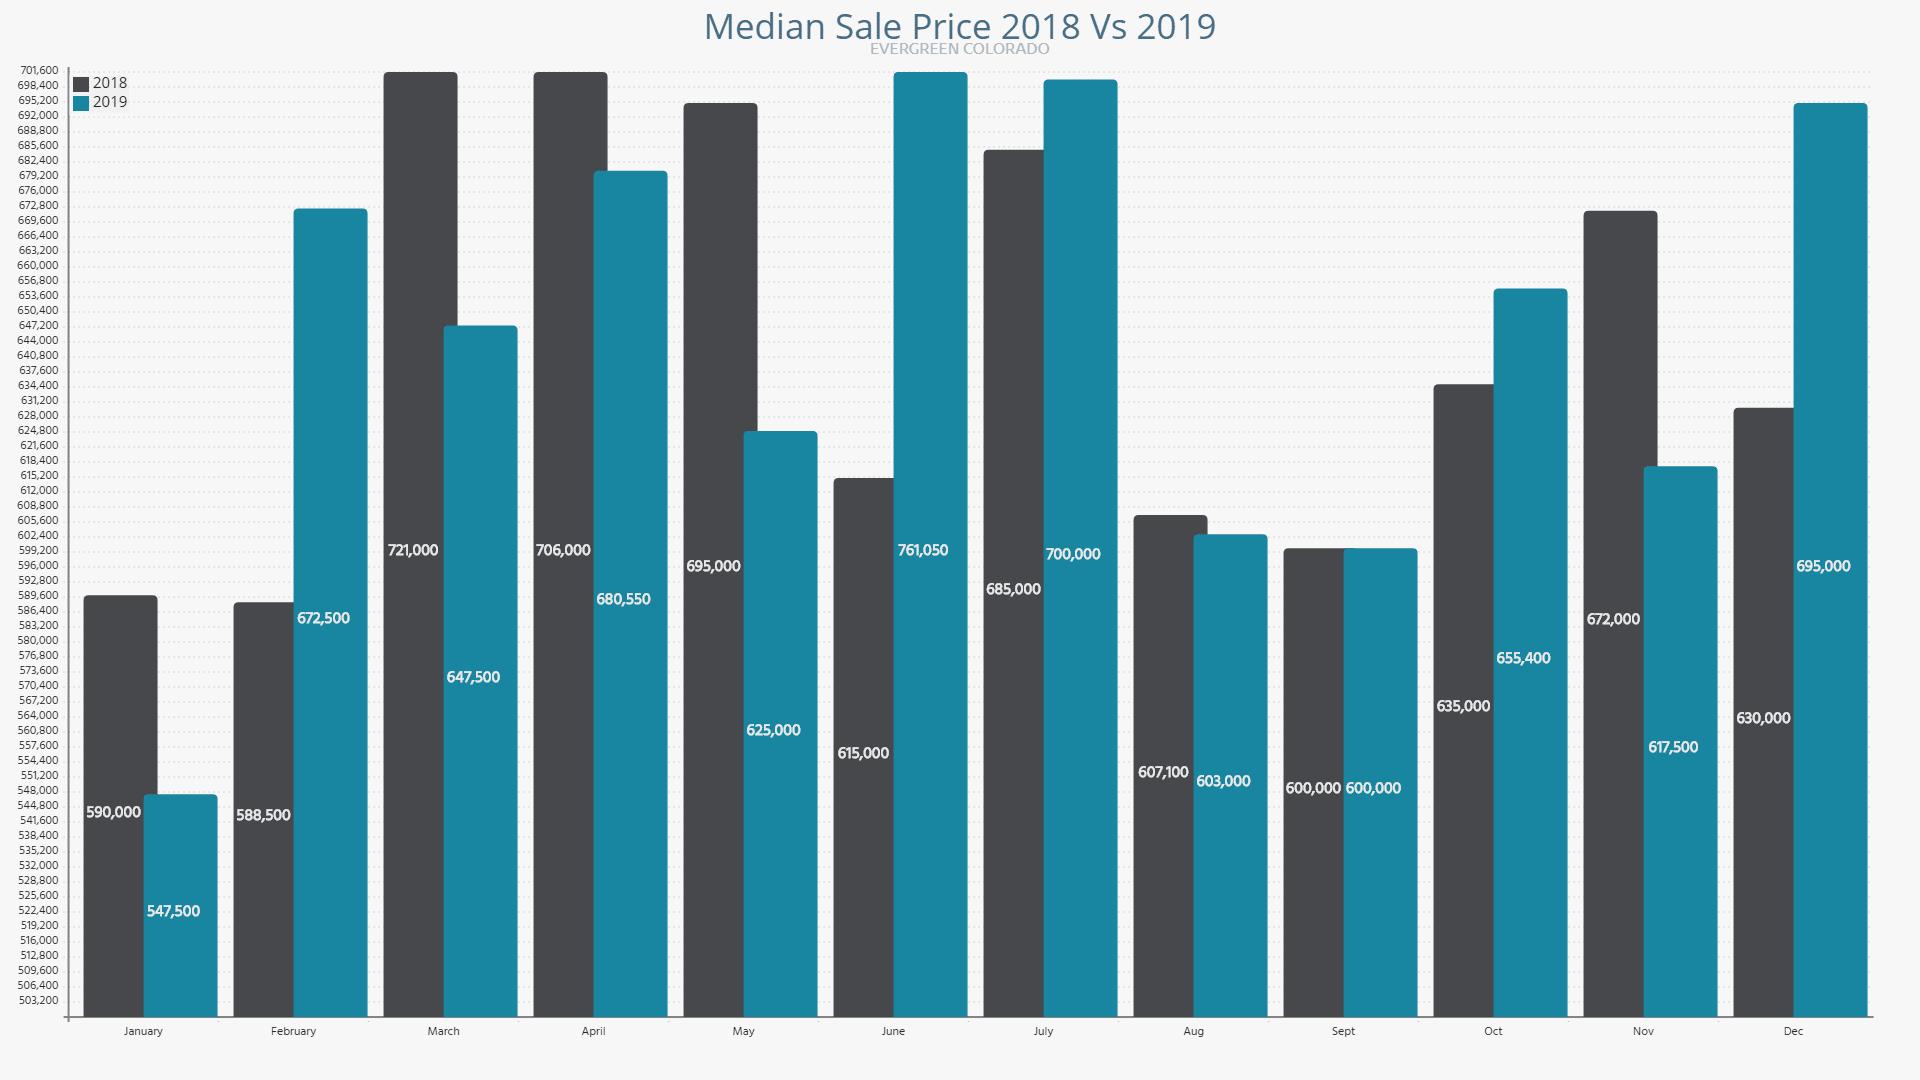 Evergreen Median Sale Price 2018 vs 2019